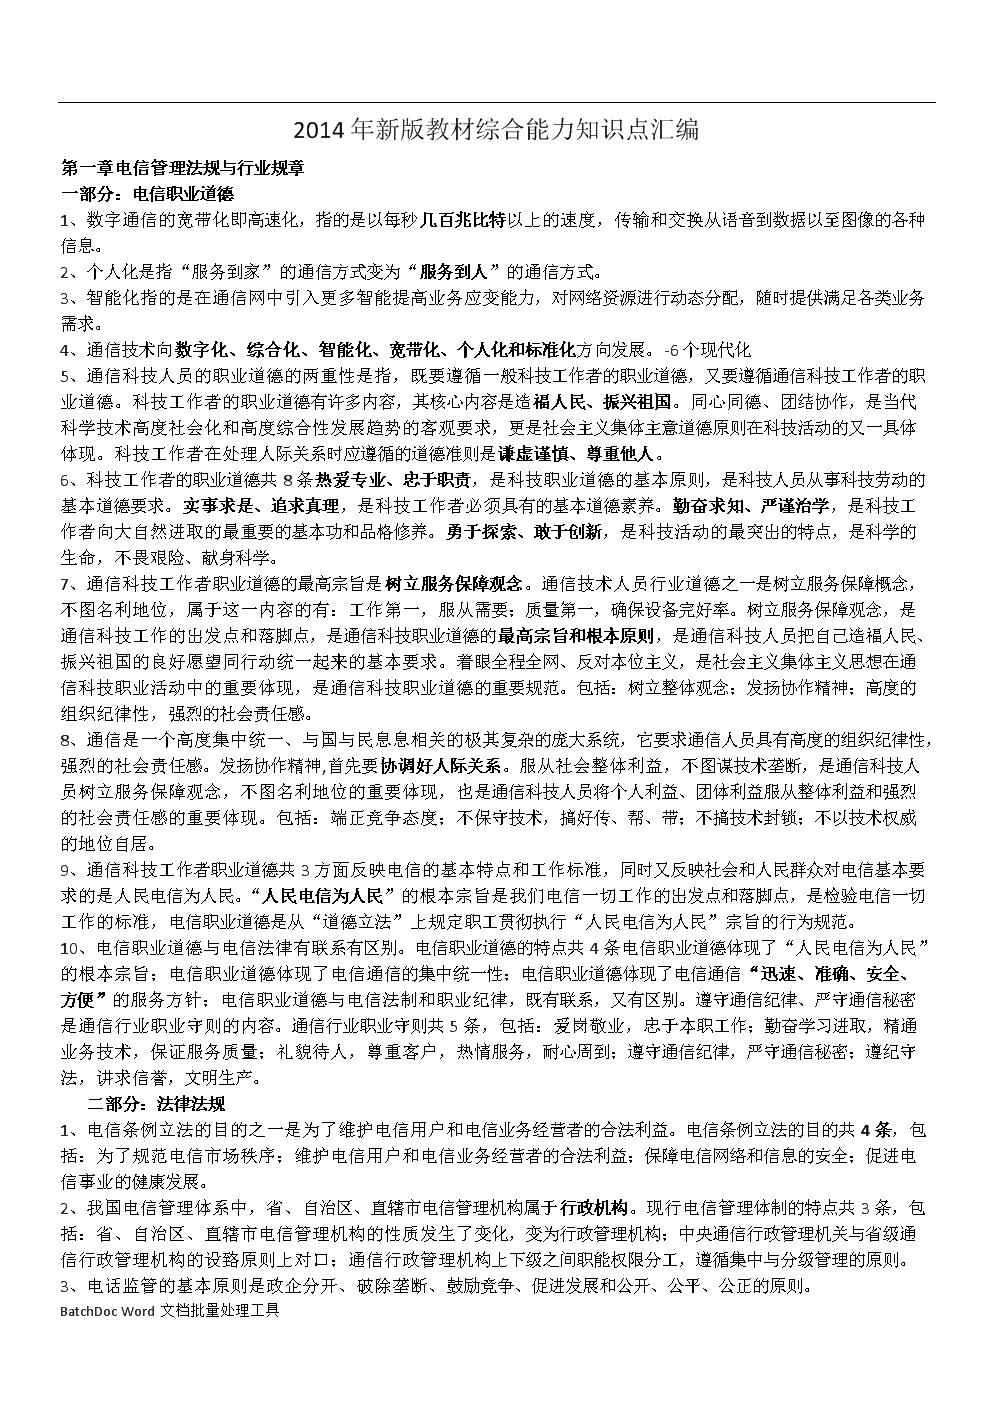 通信前沿-2017年中级综合能力知识点汇编(2015年9月整理).docx